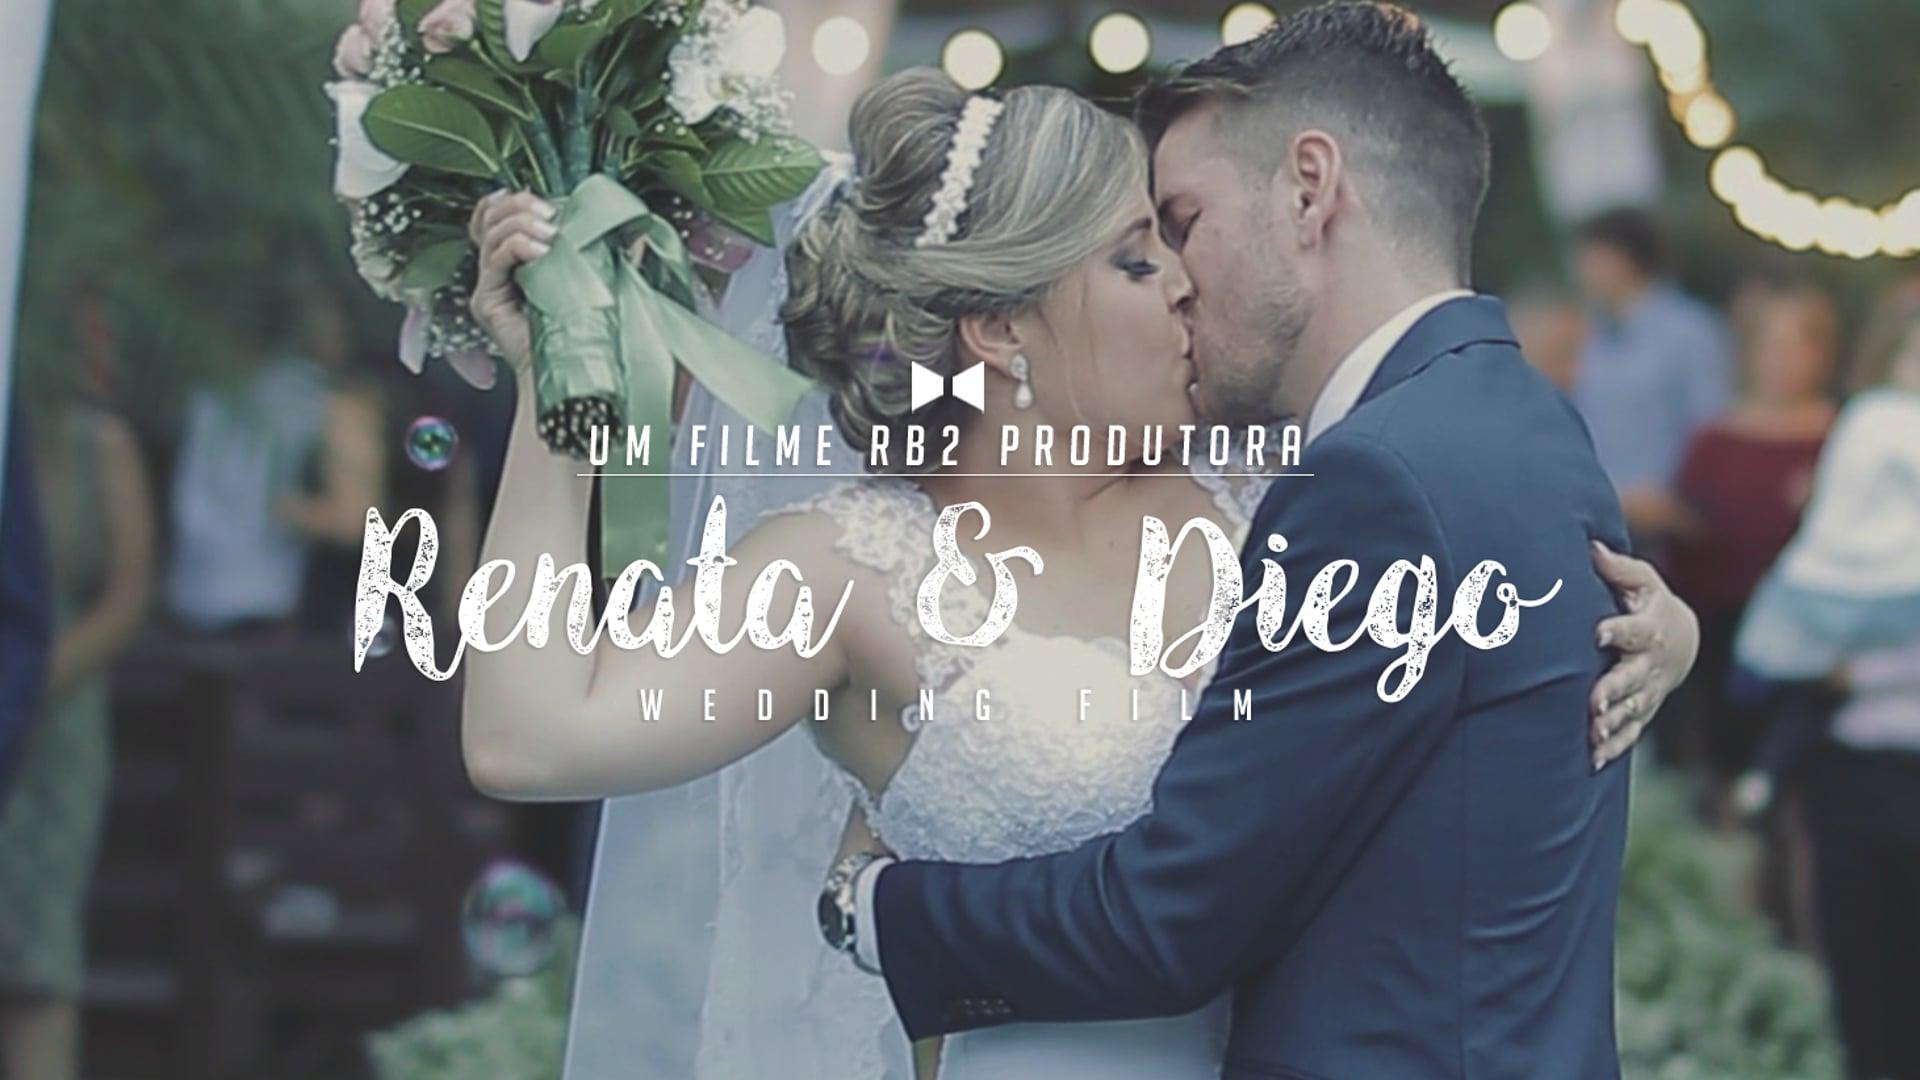 RB2 Produtora - Renata e Diego - Wedding Film